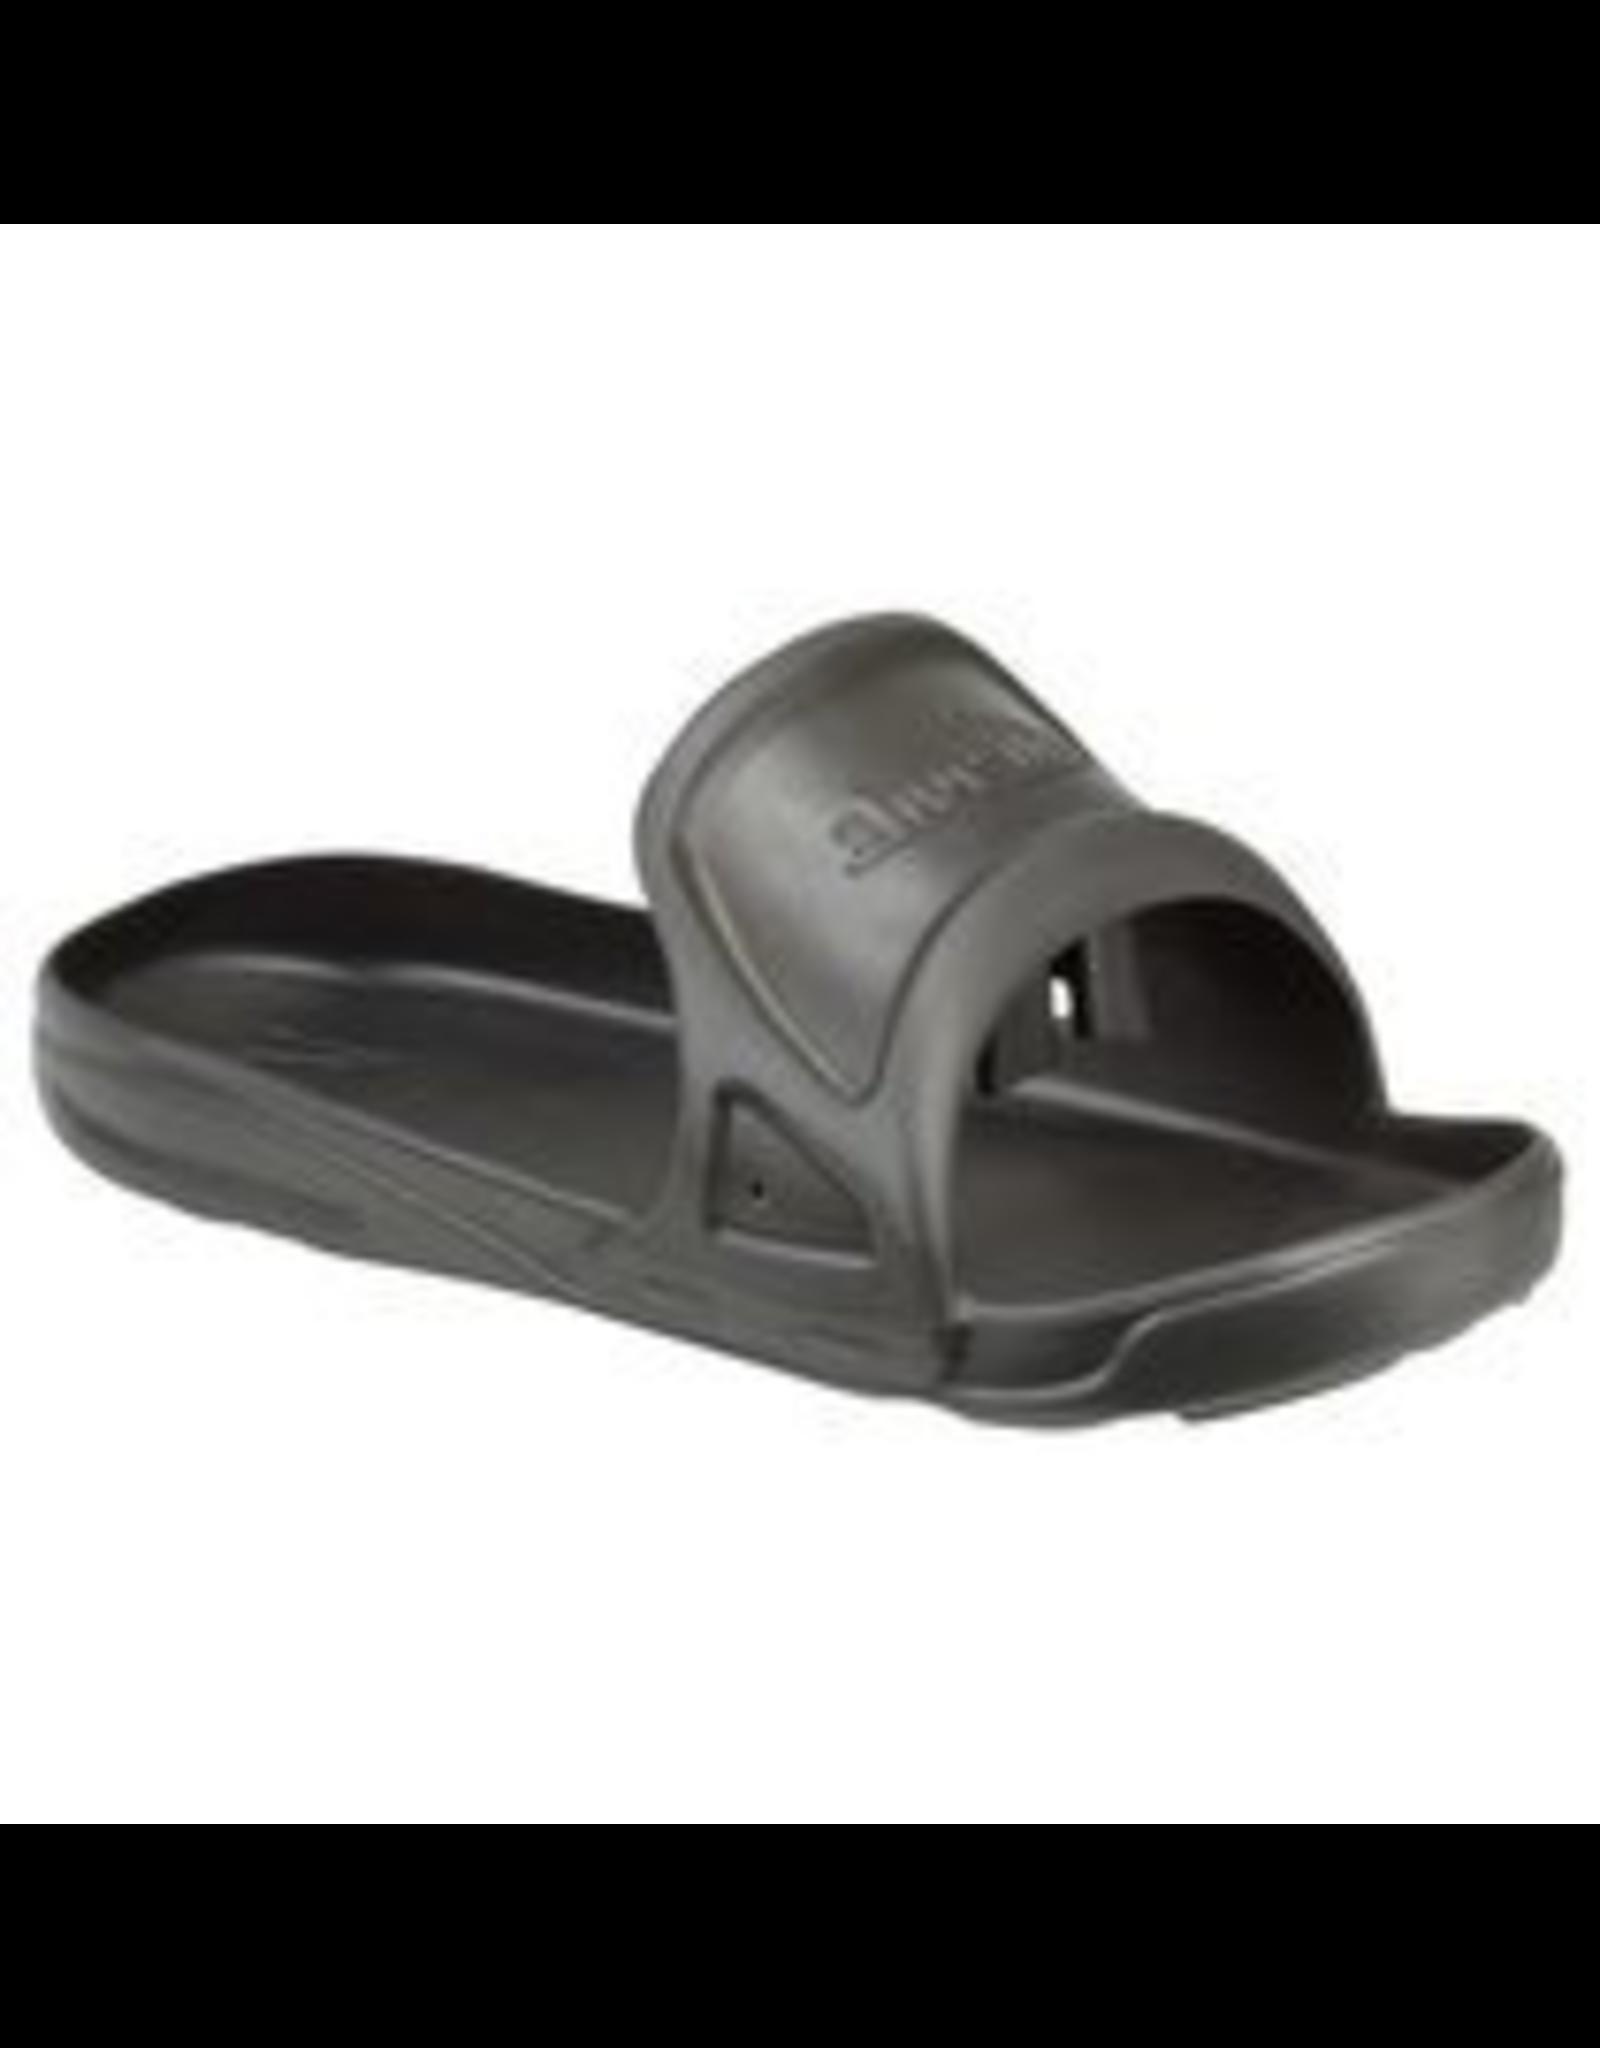 Boots-Men THOROGOOD 161-0777 Open Toe Overshoe